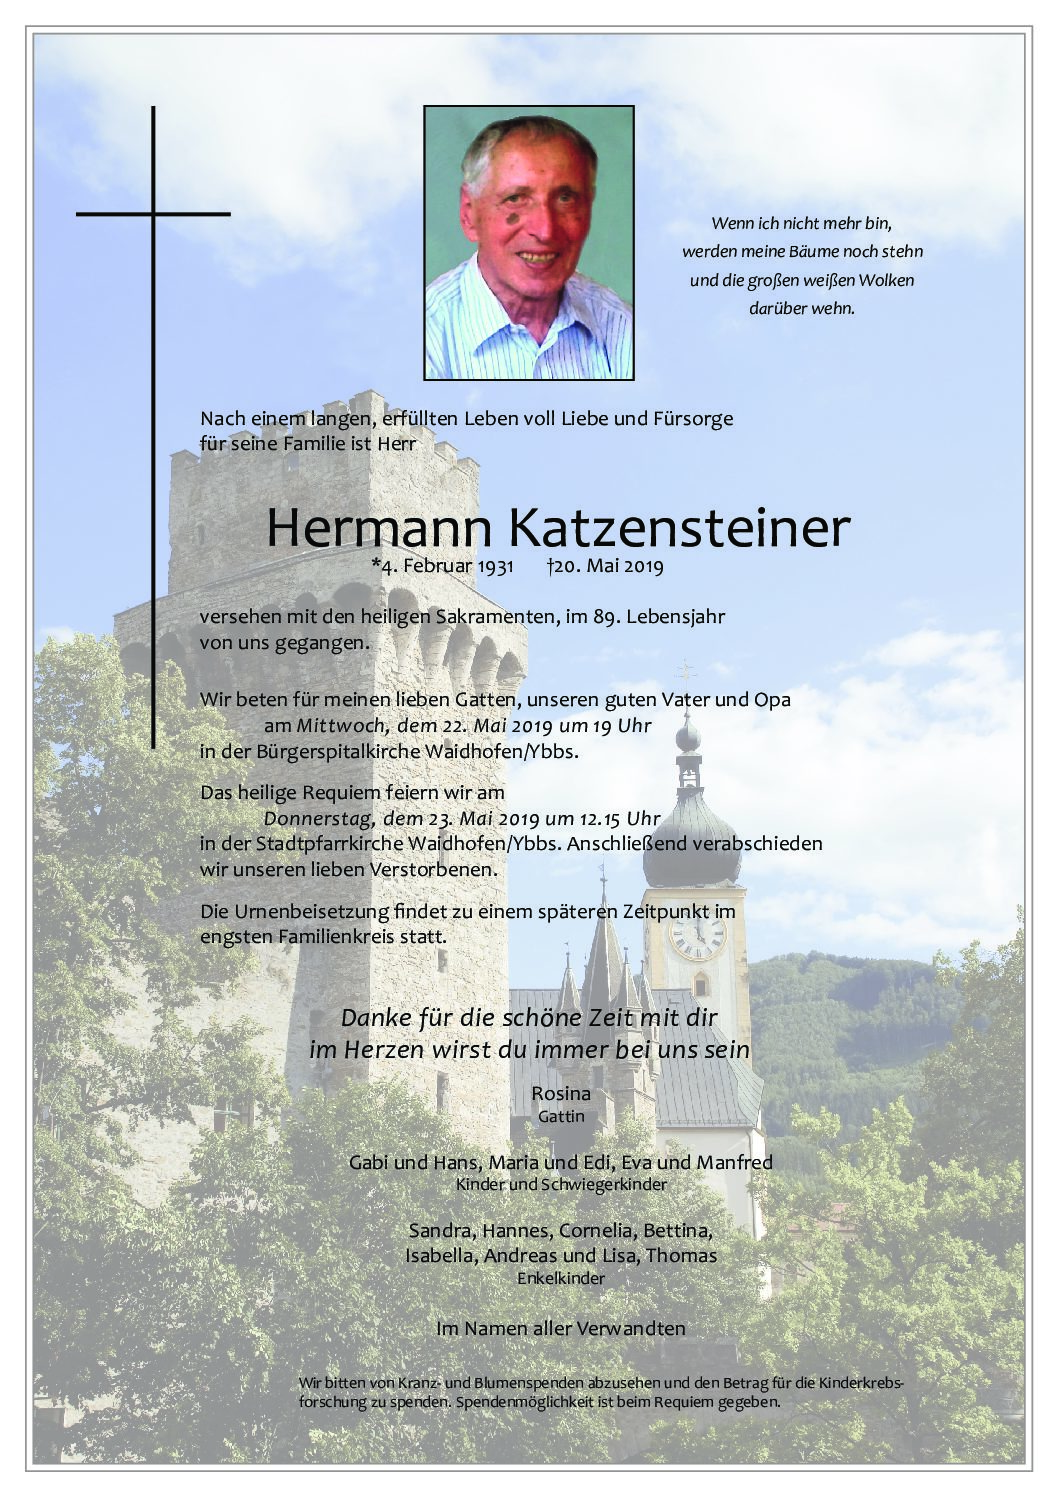 Hermann Katzensteiner